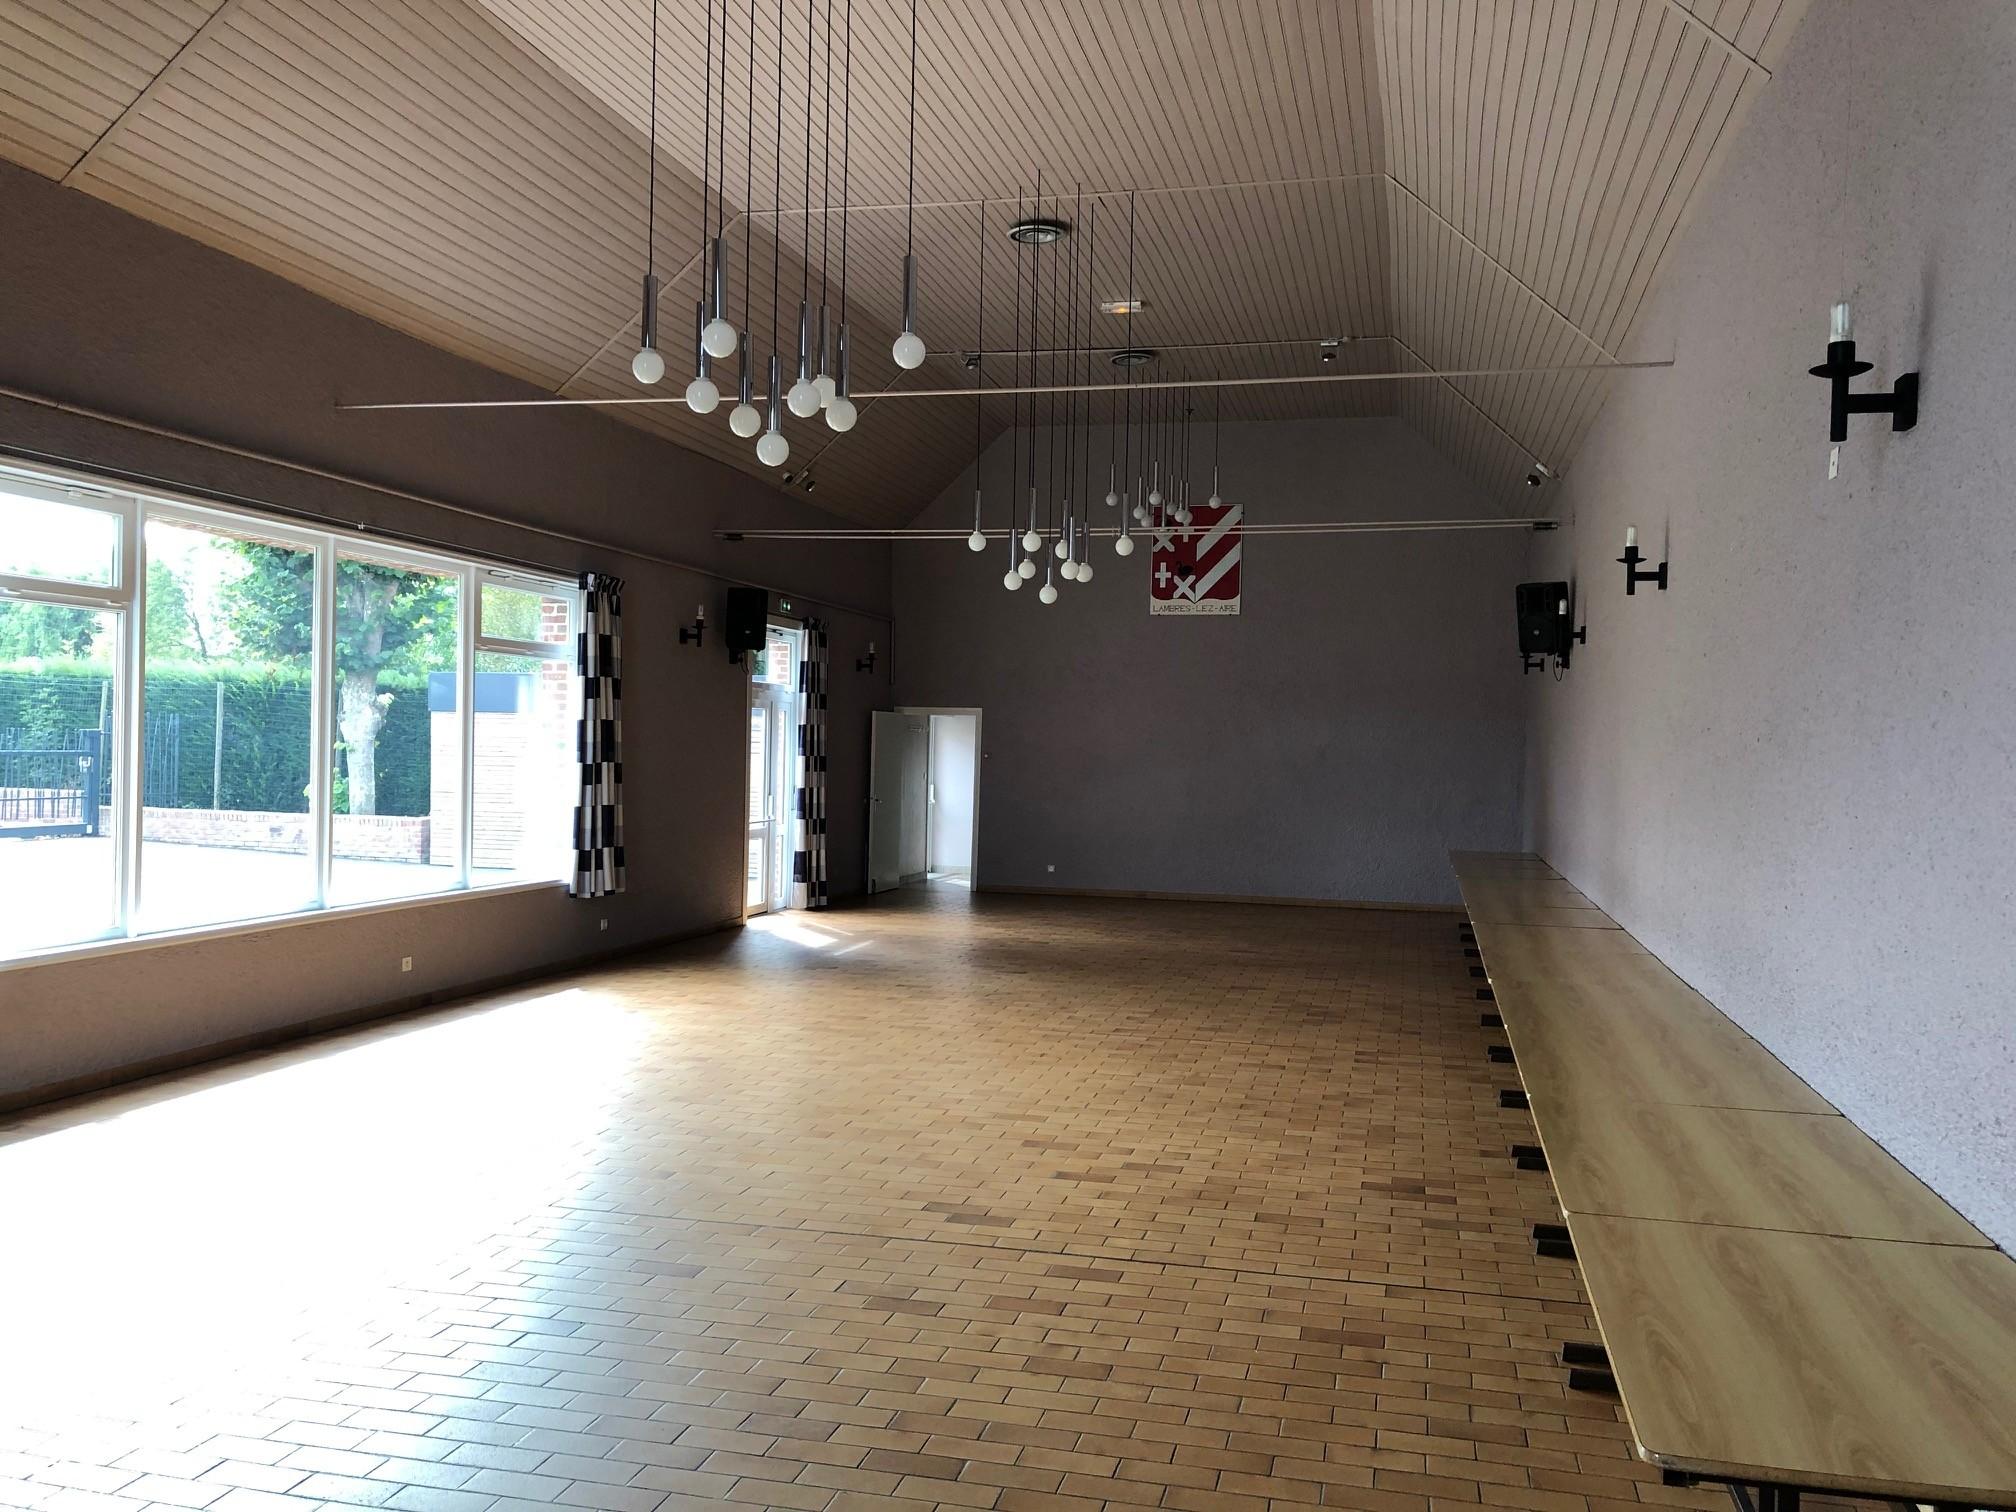 Salle des fetes interieur 2